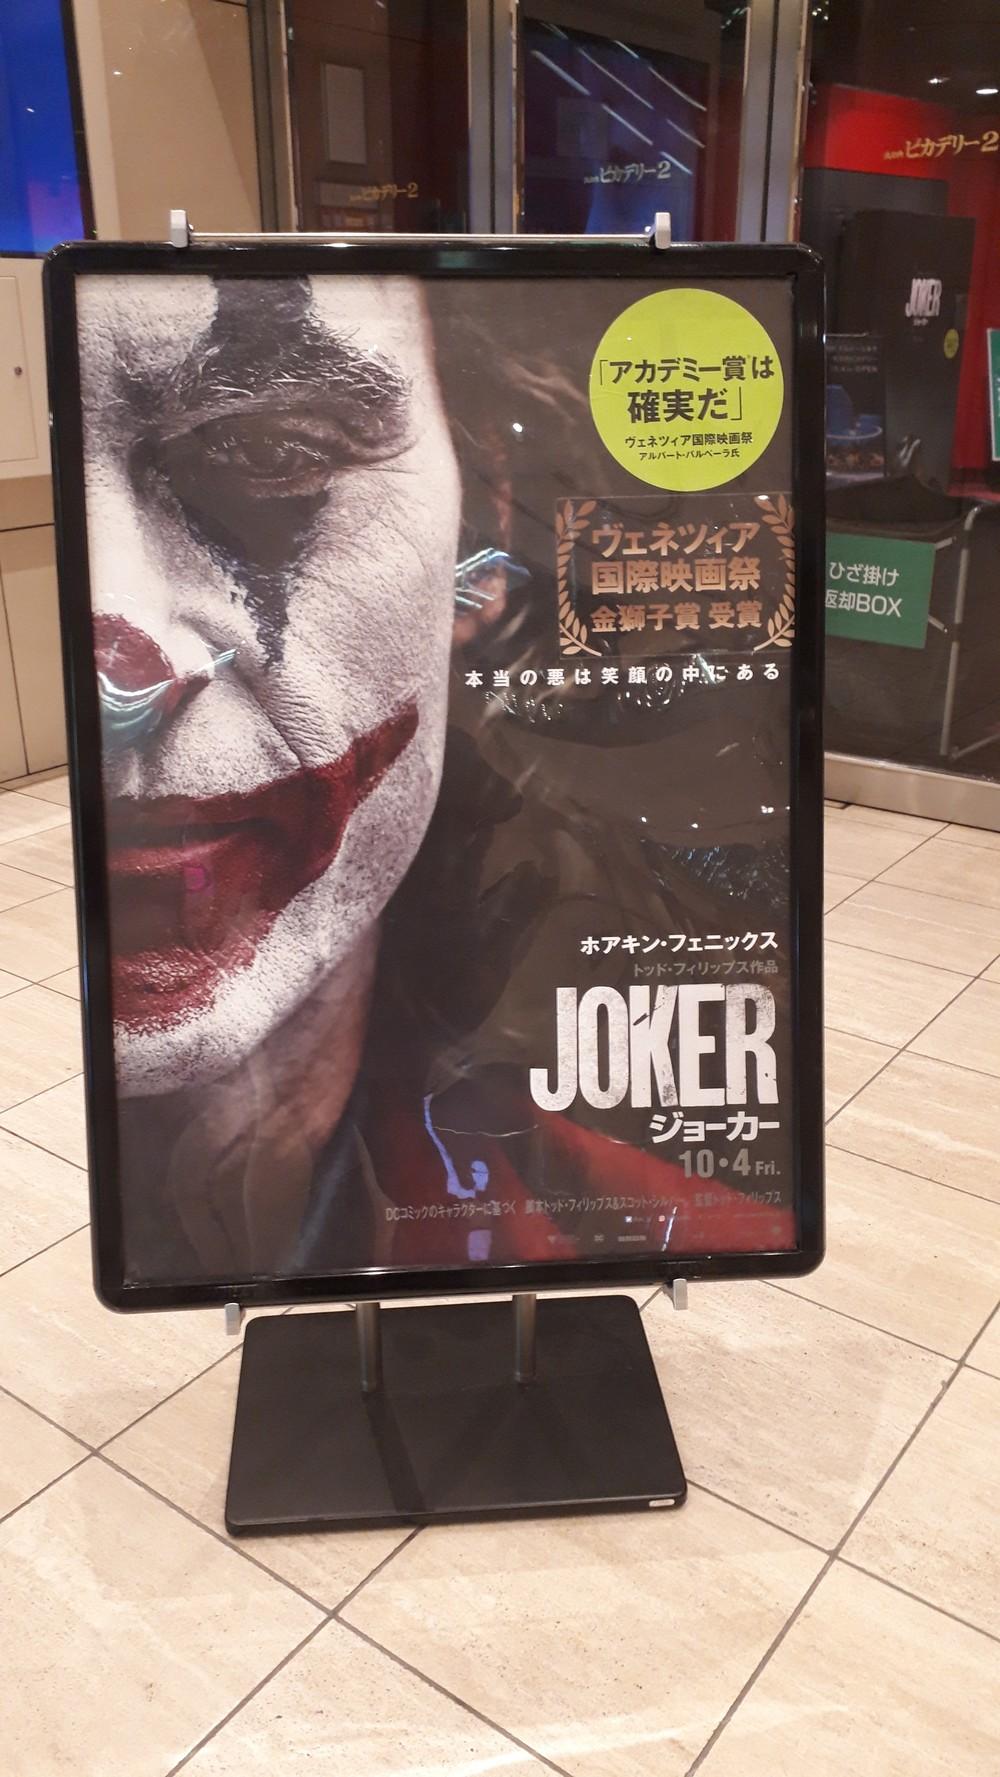 岡田光世「トランプのアメリカ」で暮らす人たち <br />大統領はなぜ、映画「ジョーカー」を気に入ったのか